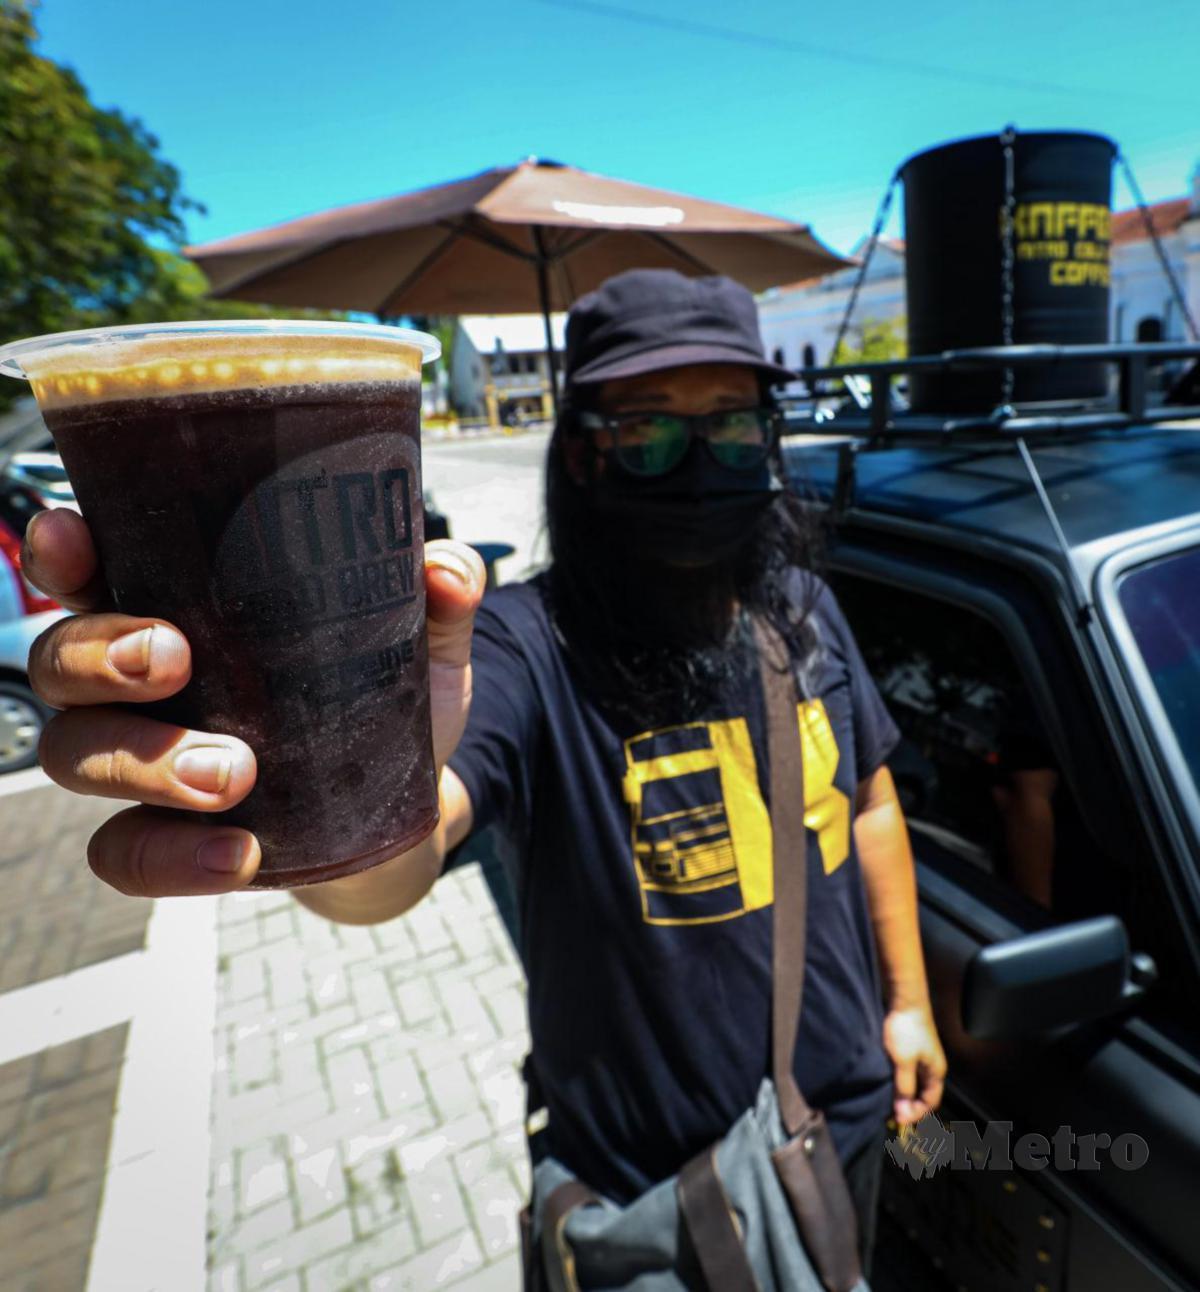 SAFWAN bersama kopinya.